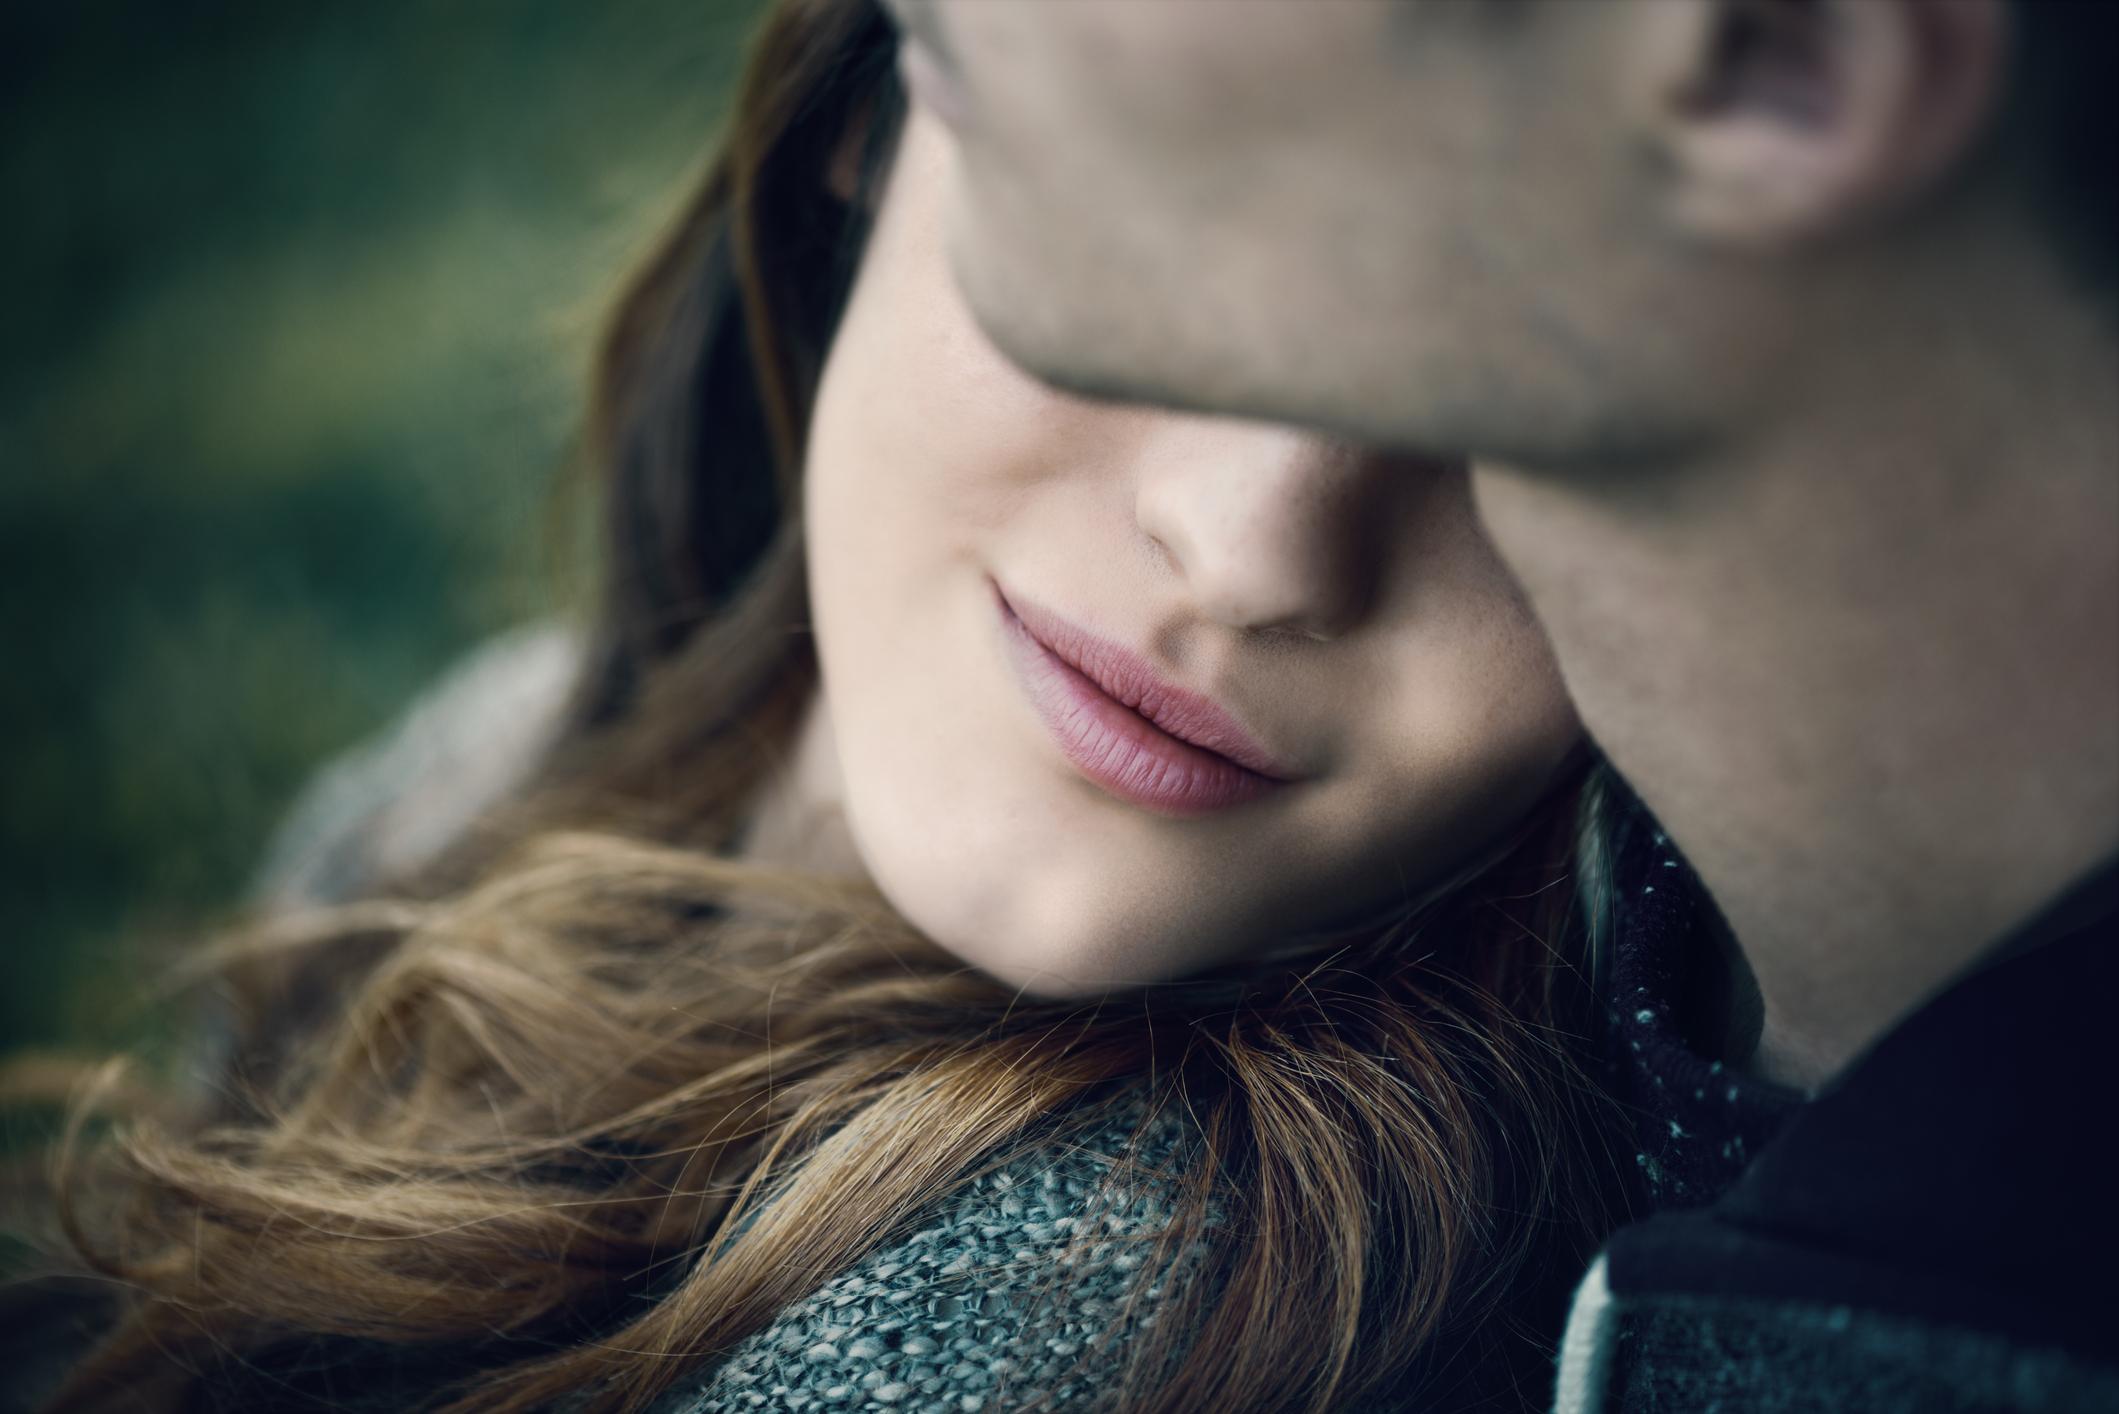 Το να βγαίνεις ραντεβού σημαίνει ότι είσαι σε μια σχέση